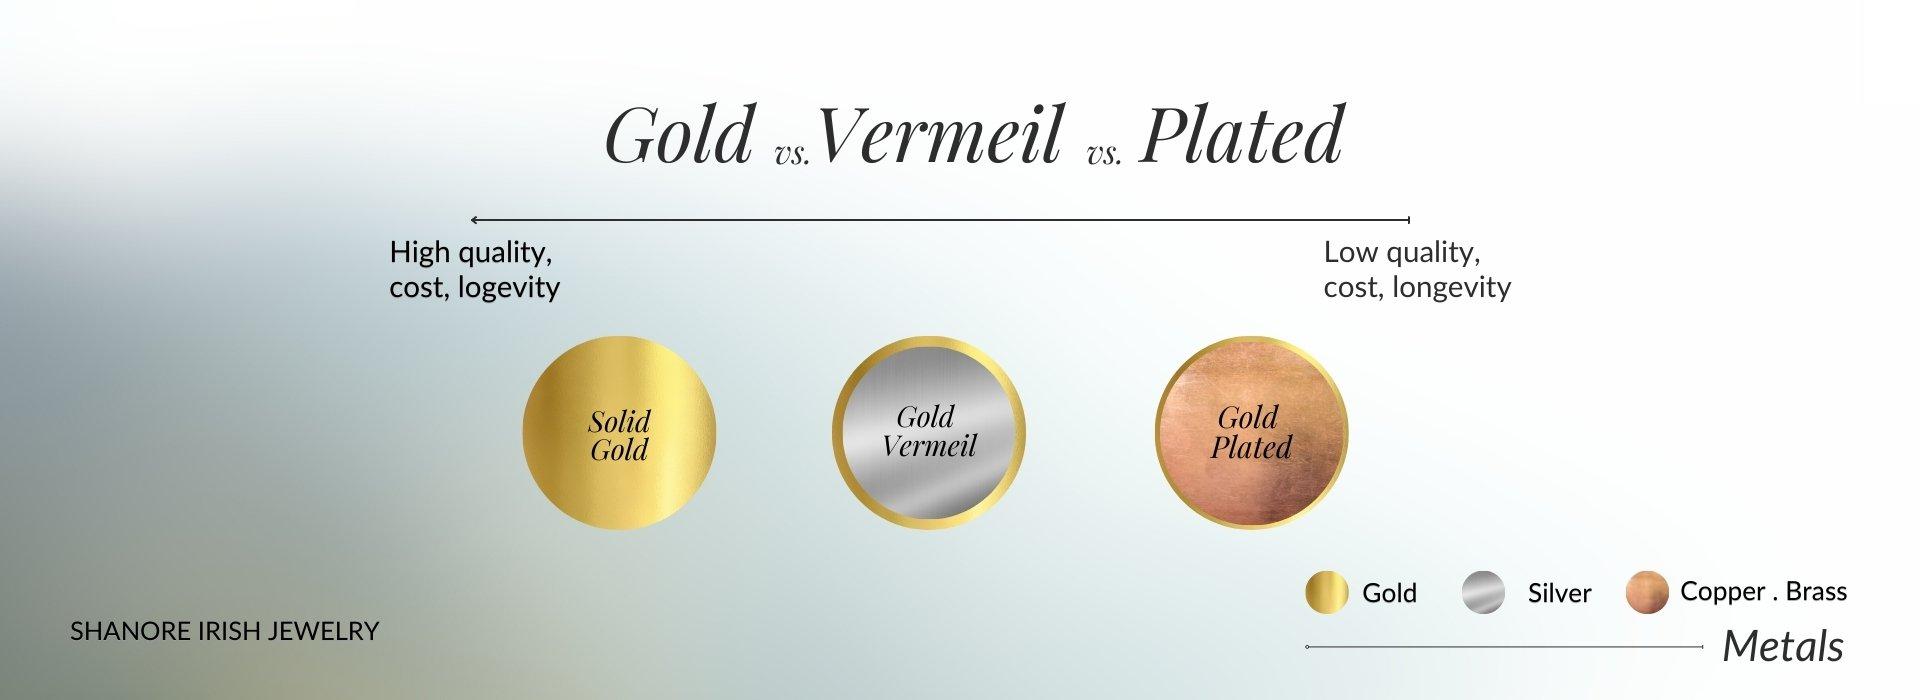 Gold vermeil vs. Gold Plated - ShanOre Irish Jewelry